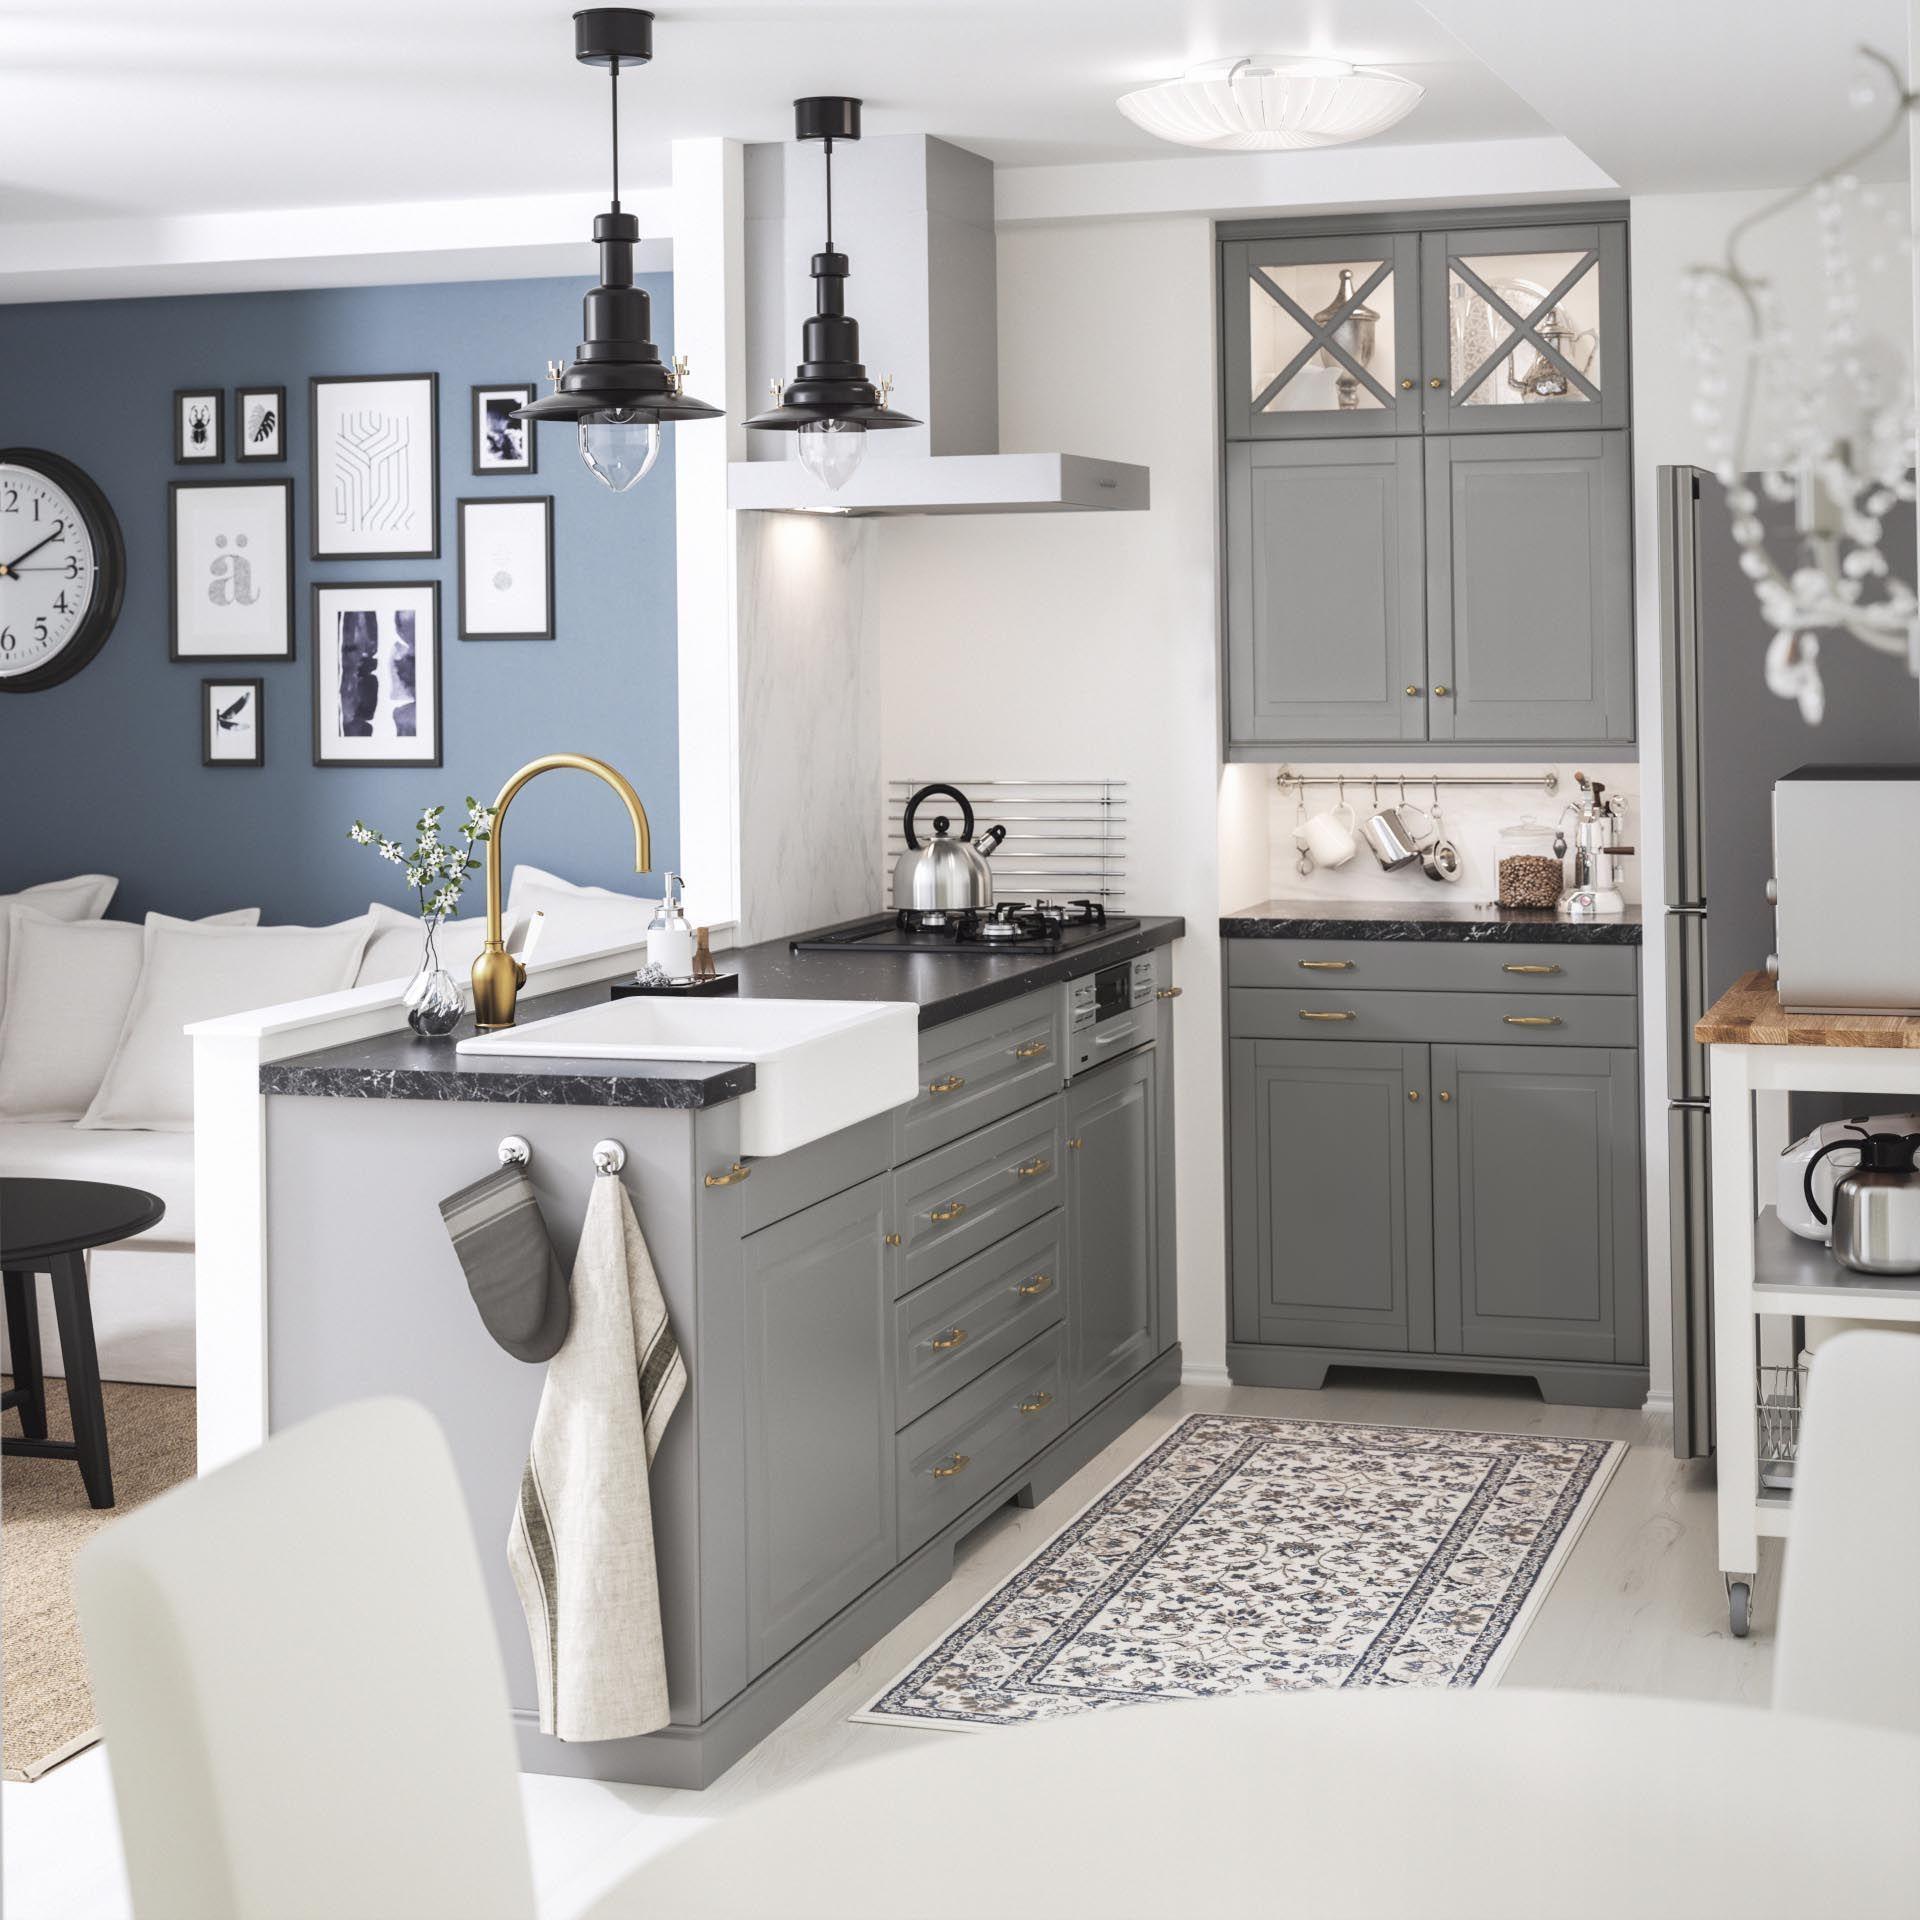 Bodbyn Front Voor Vaatwasser Grijs Ikea Interior Design Kitchen Rustic Kitchen Decor Inspiration Interior Design Kitchen